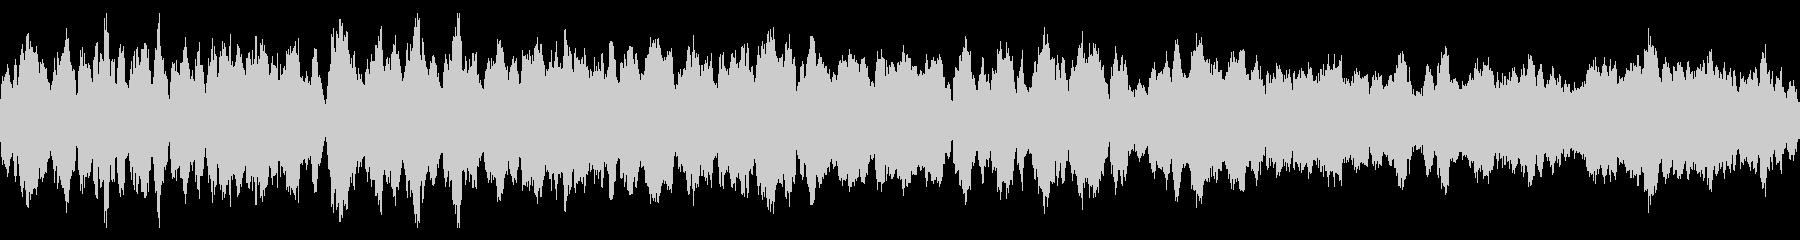 RPG向けオーケストラ曲『迷宮』の未再生の波形